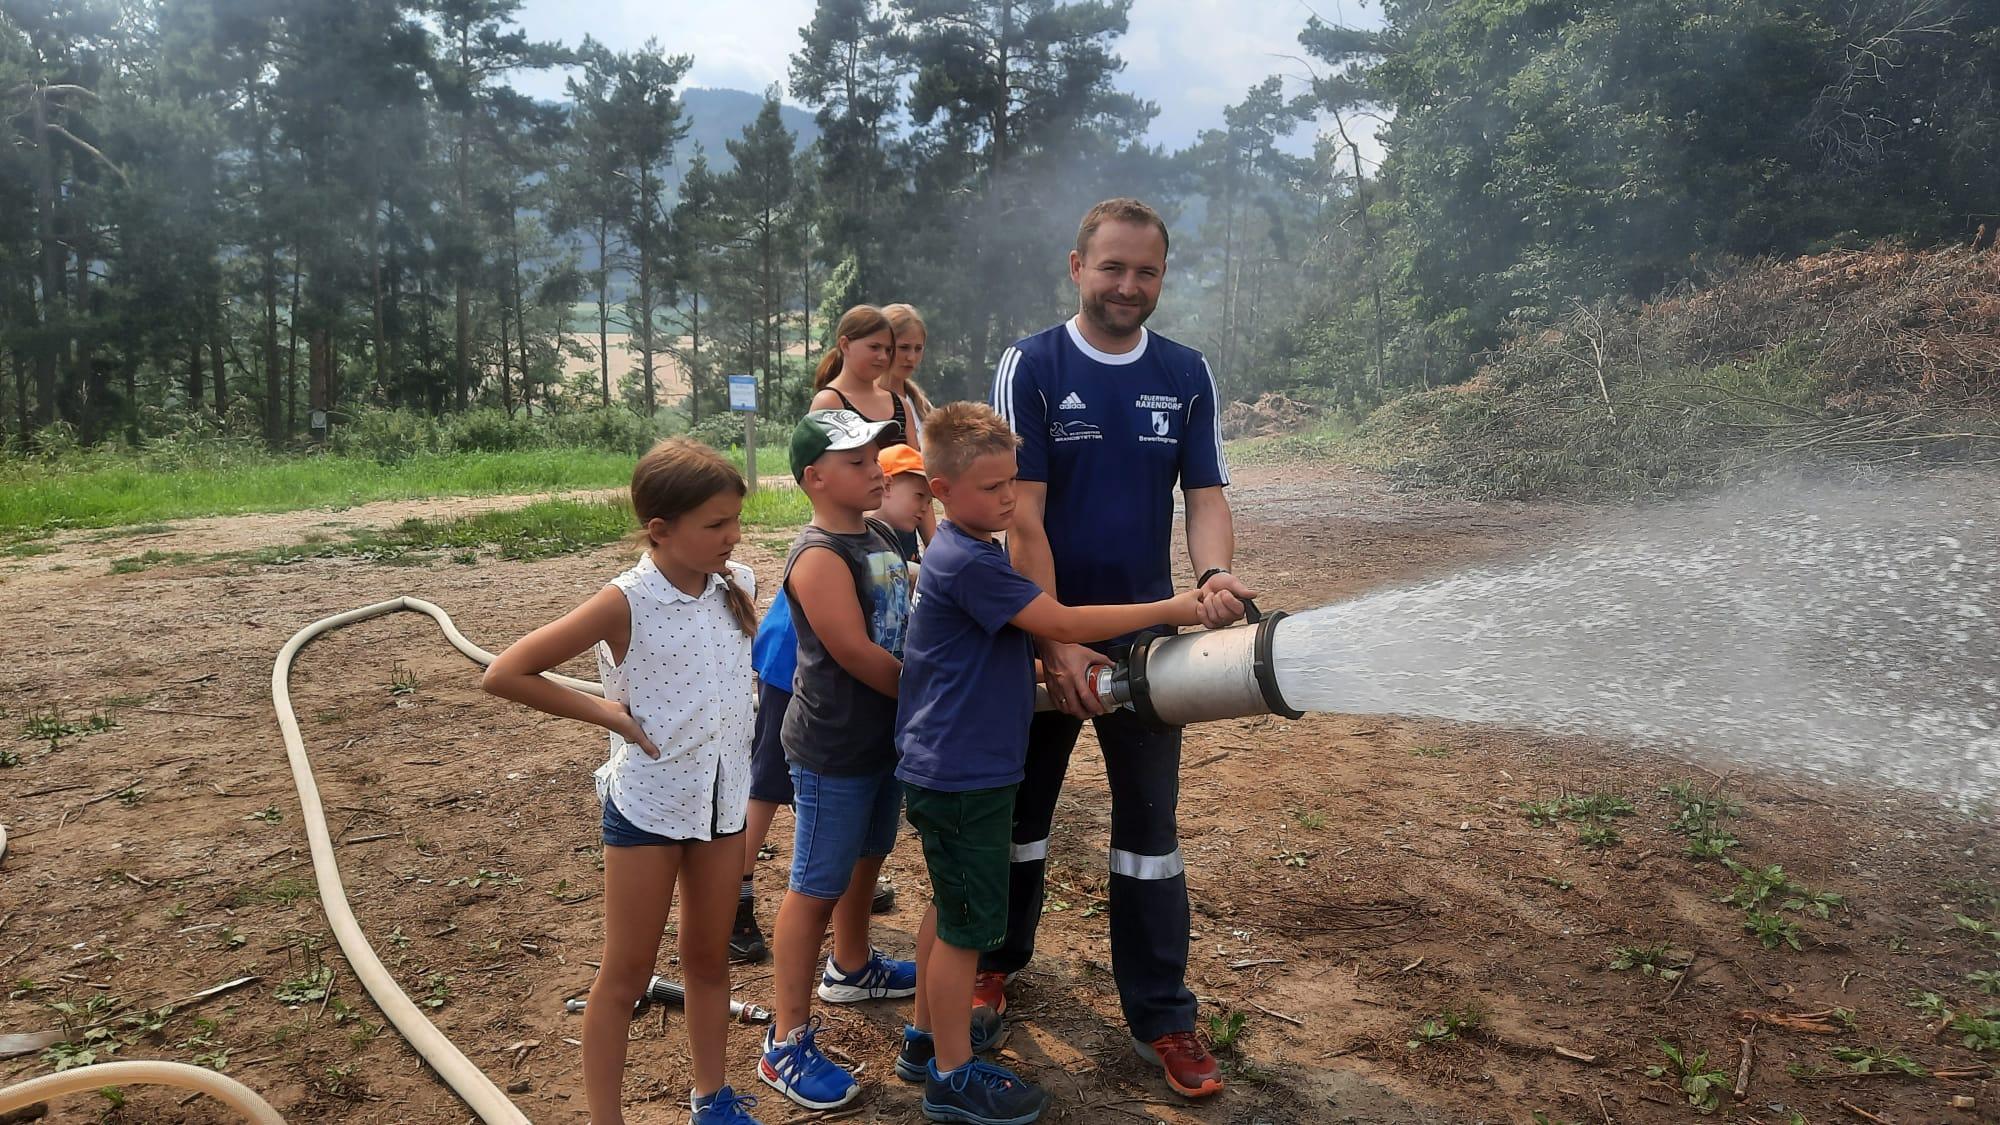 2021-07-23 - Kinder-Ferienprogramm (14)